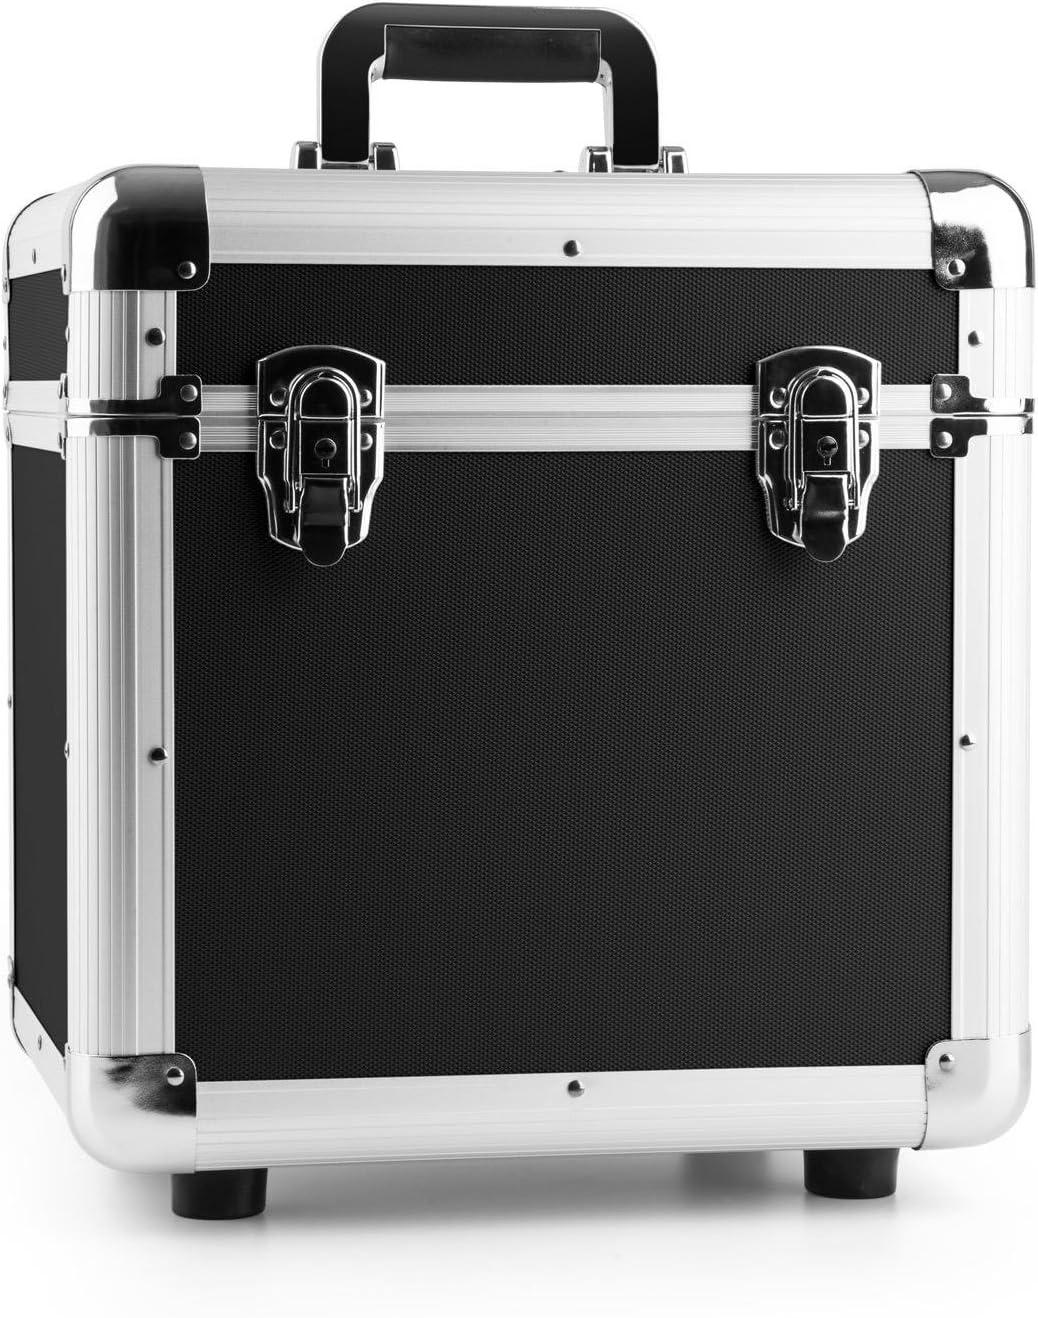 Power Dynamics RC100 Maleta para discos de vinilo (rack portátil para 100 discos LPs de 12